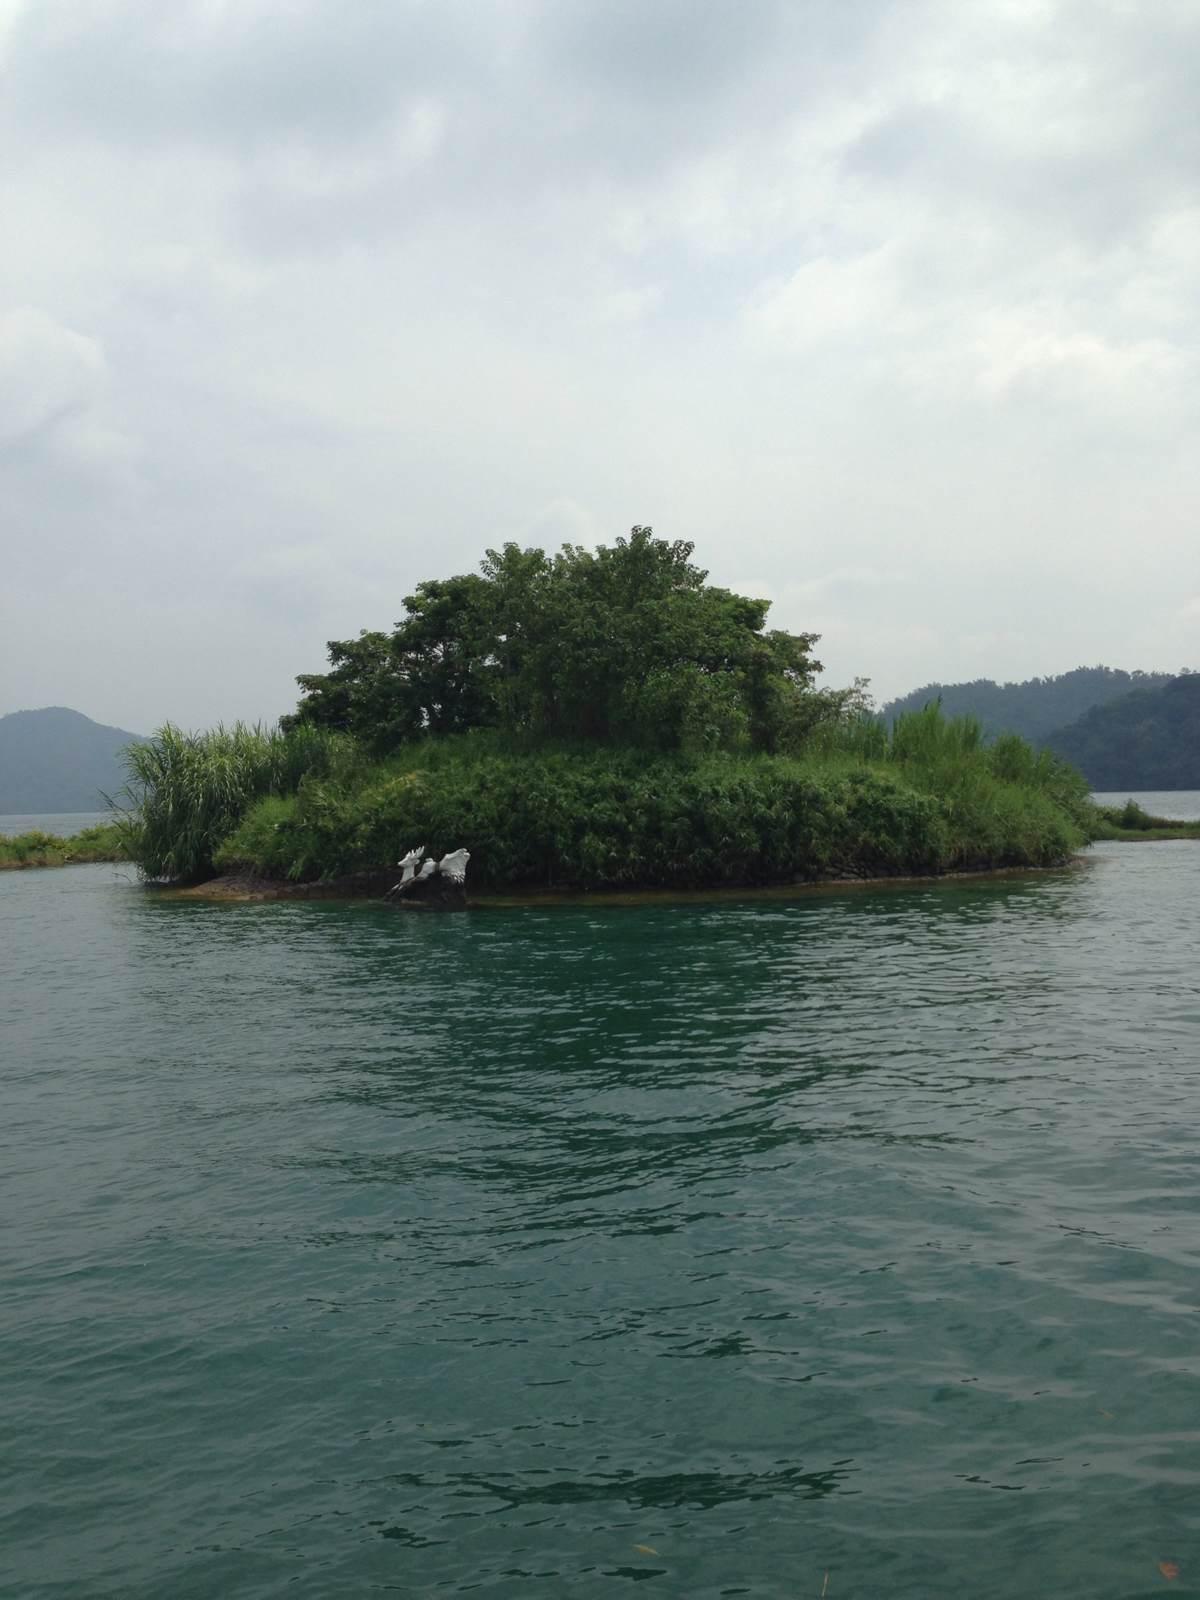 台湾日月潭……小学中小学印象课本习过,水是碧绿的,中学还不错周集景色图片